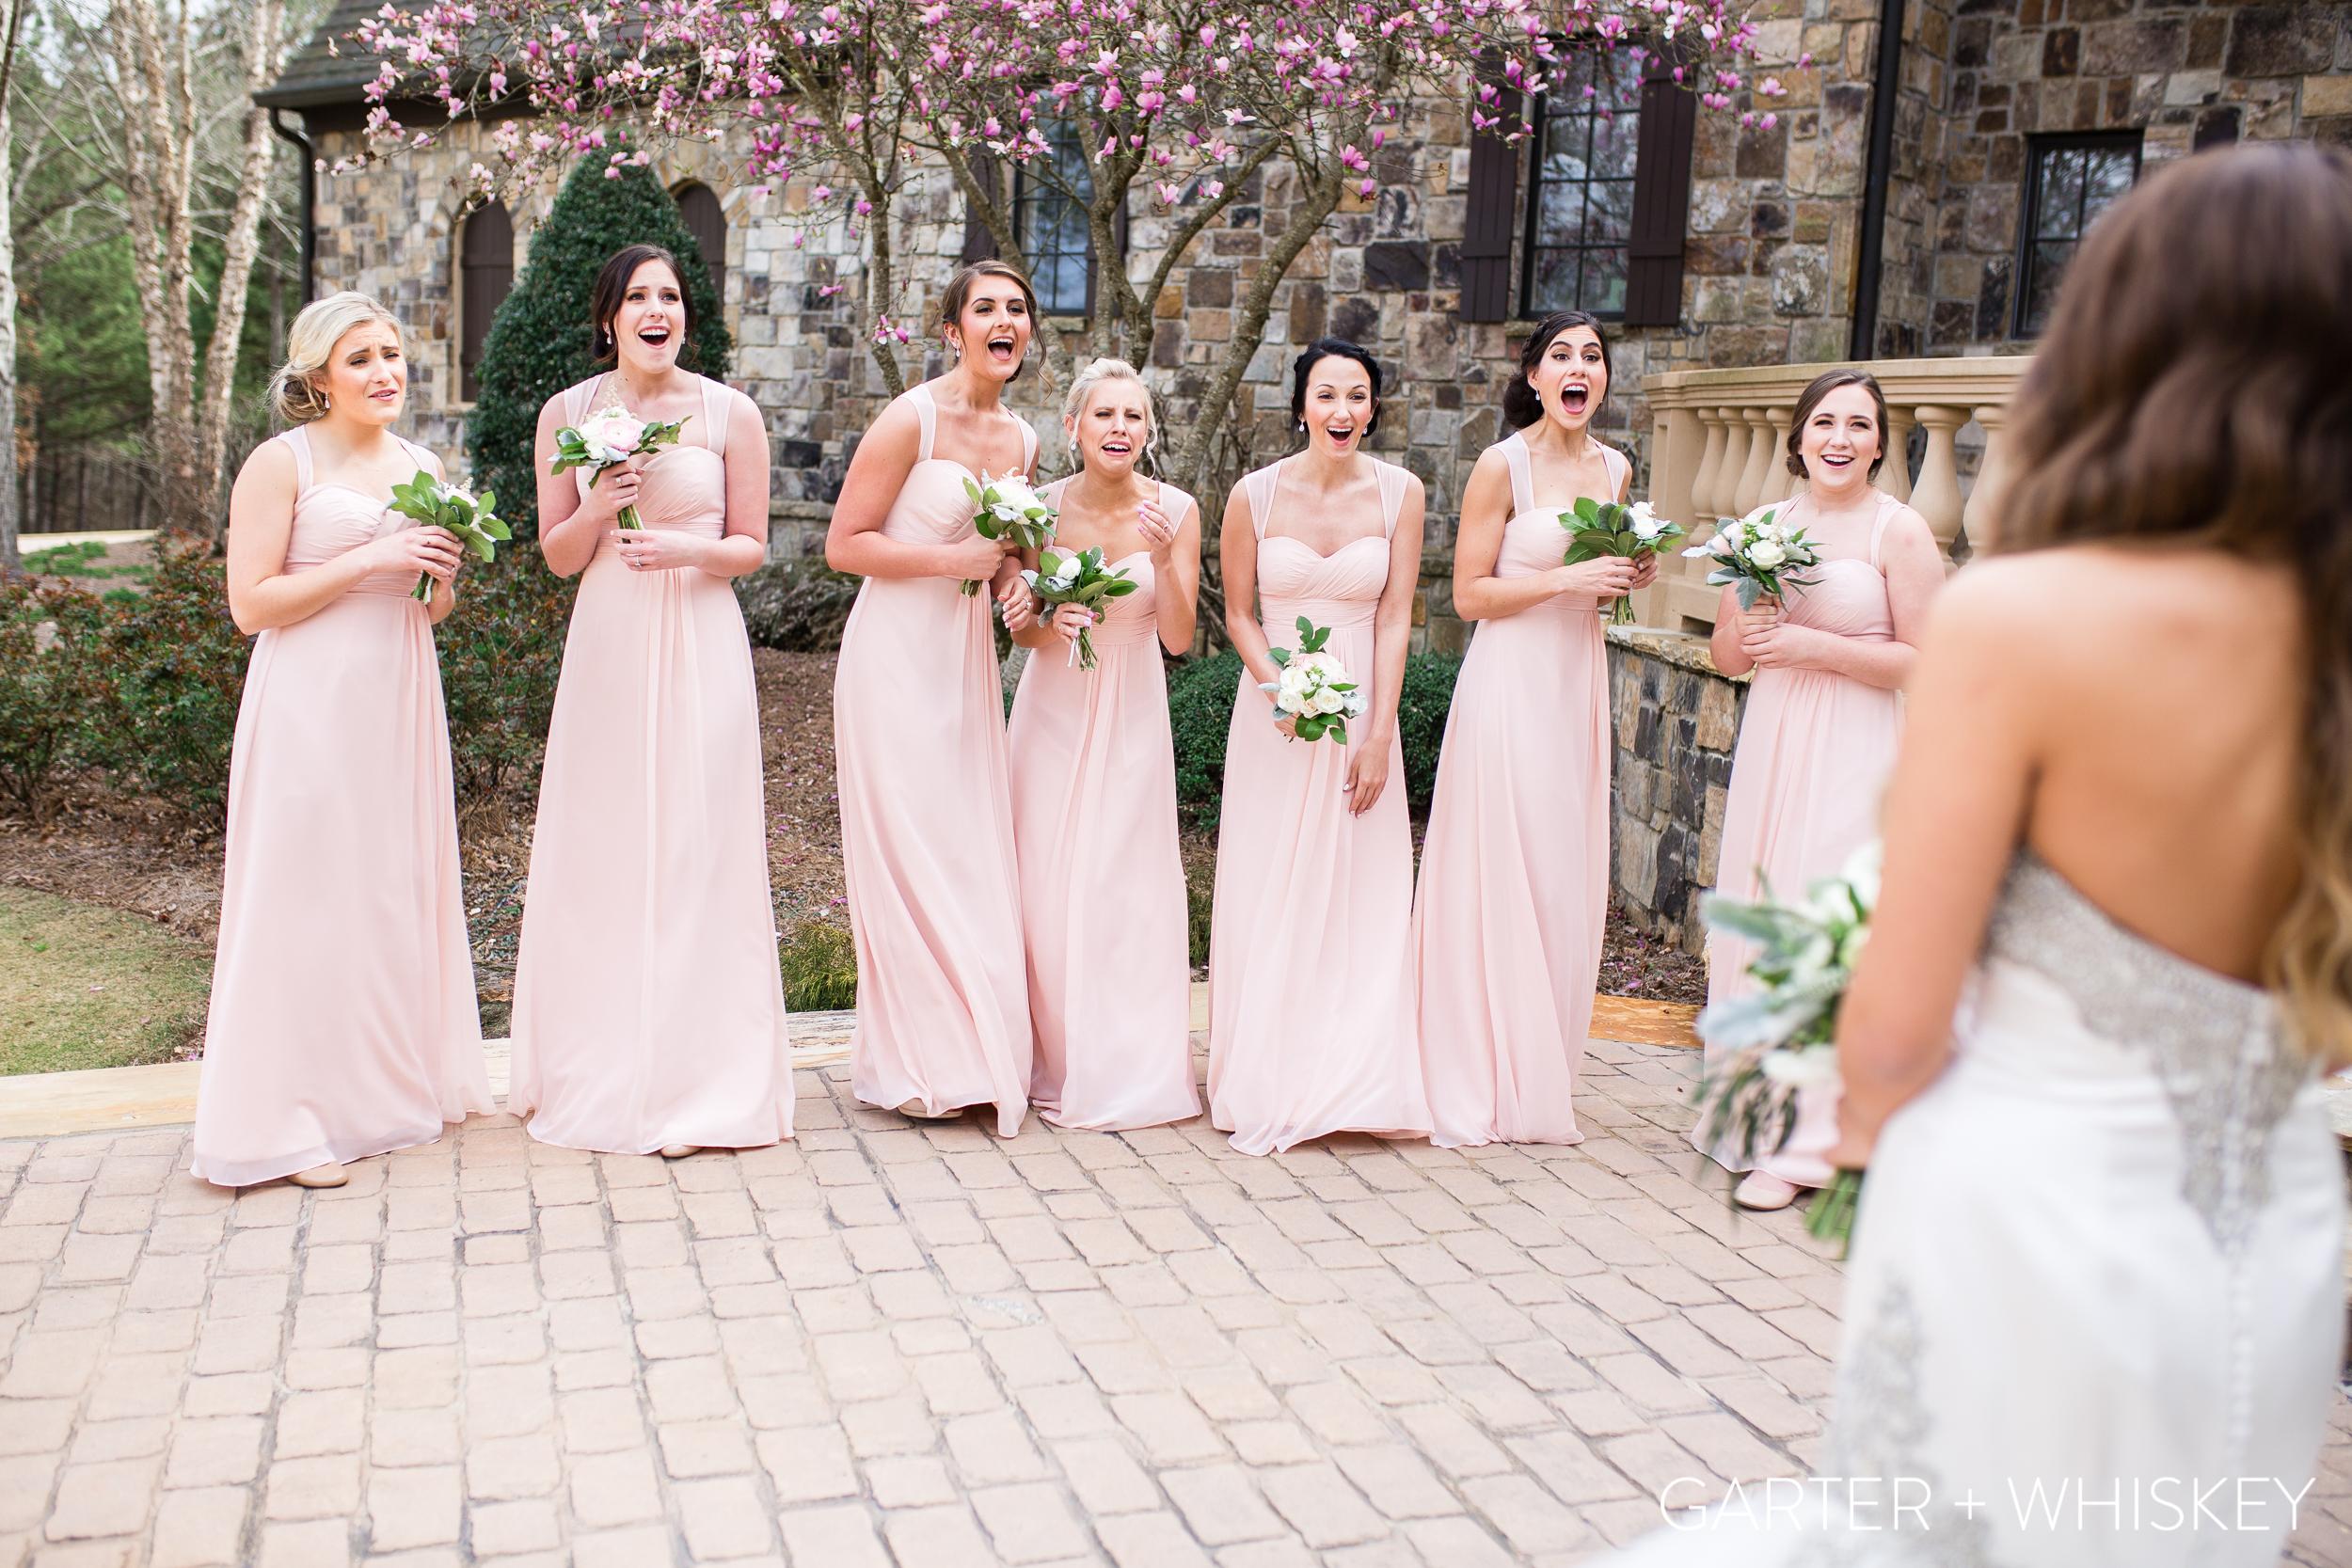 GY5A1478Laskey Wedding.jpg